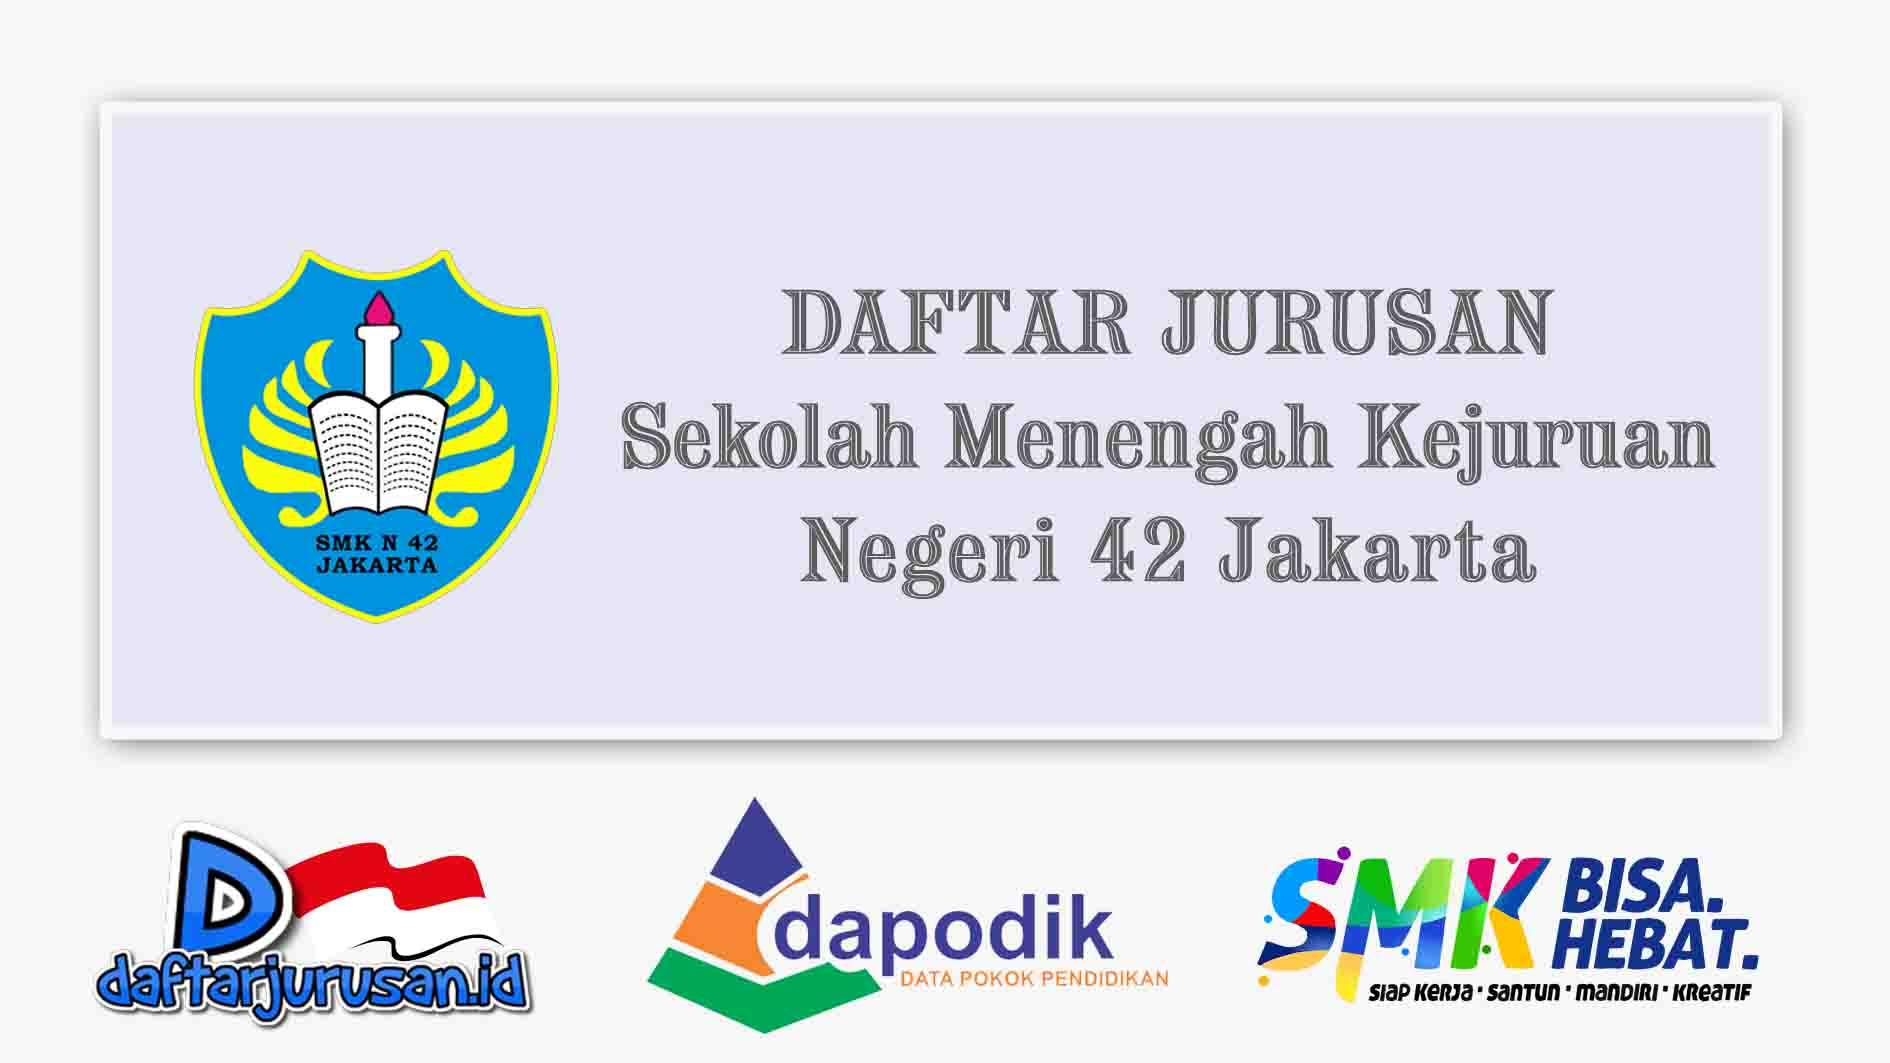 Daftar Jurusan SMK Negeri 42 Jakarta Barat